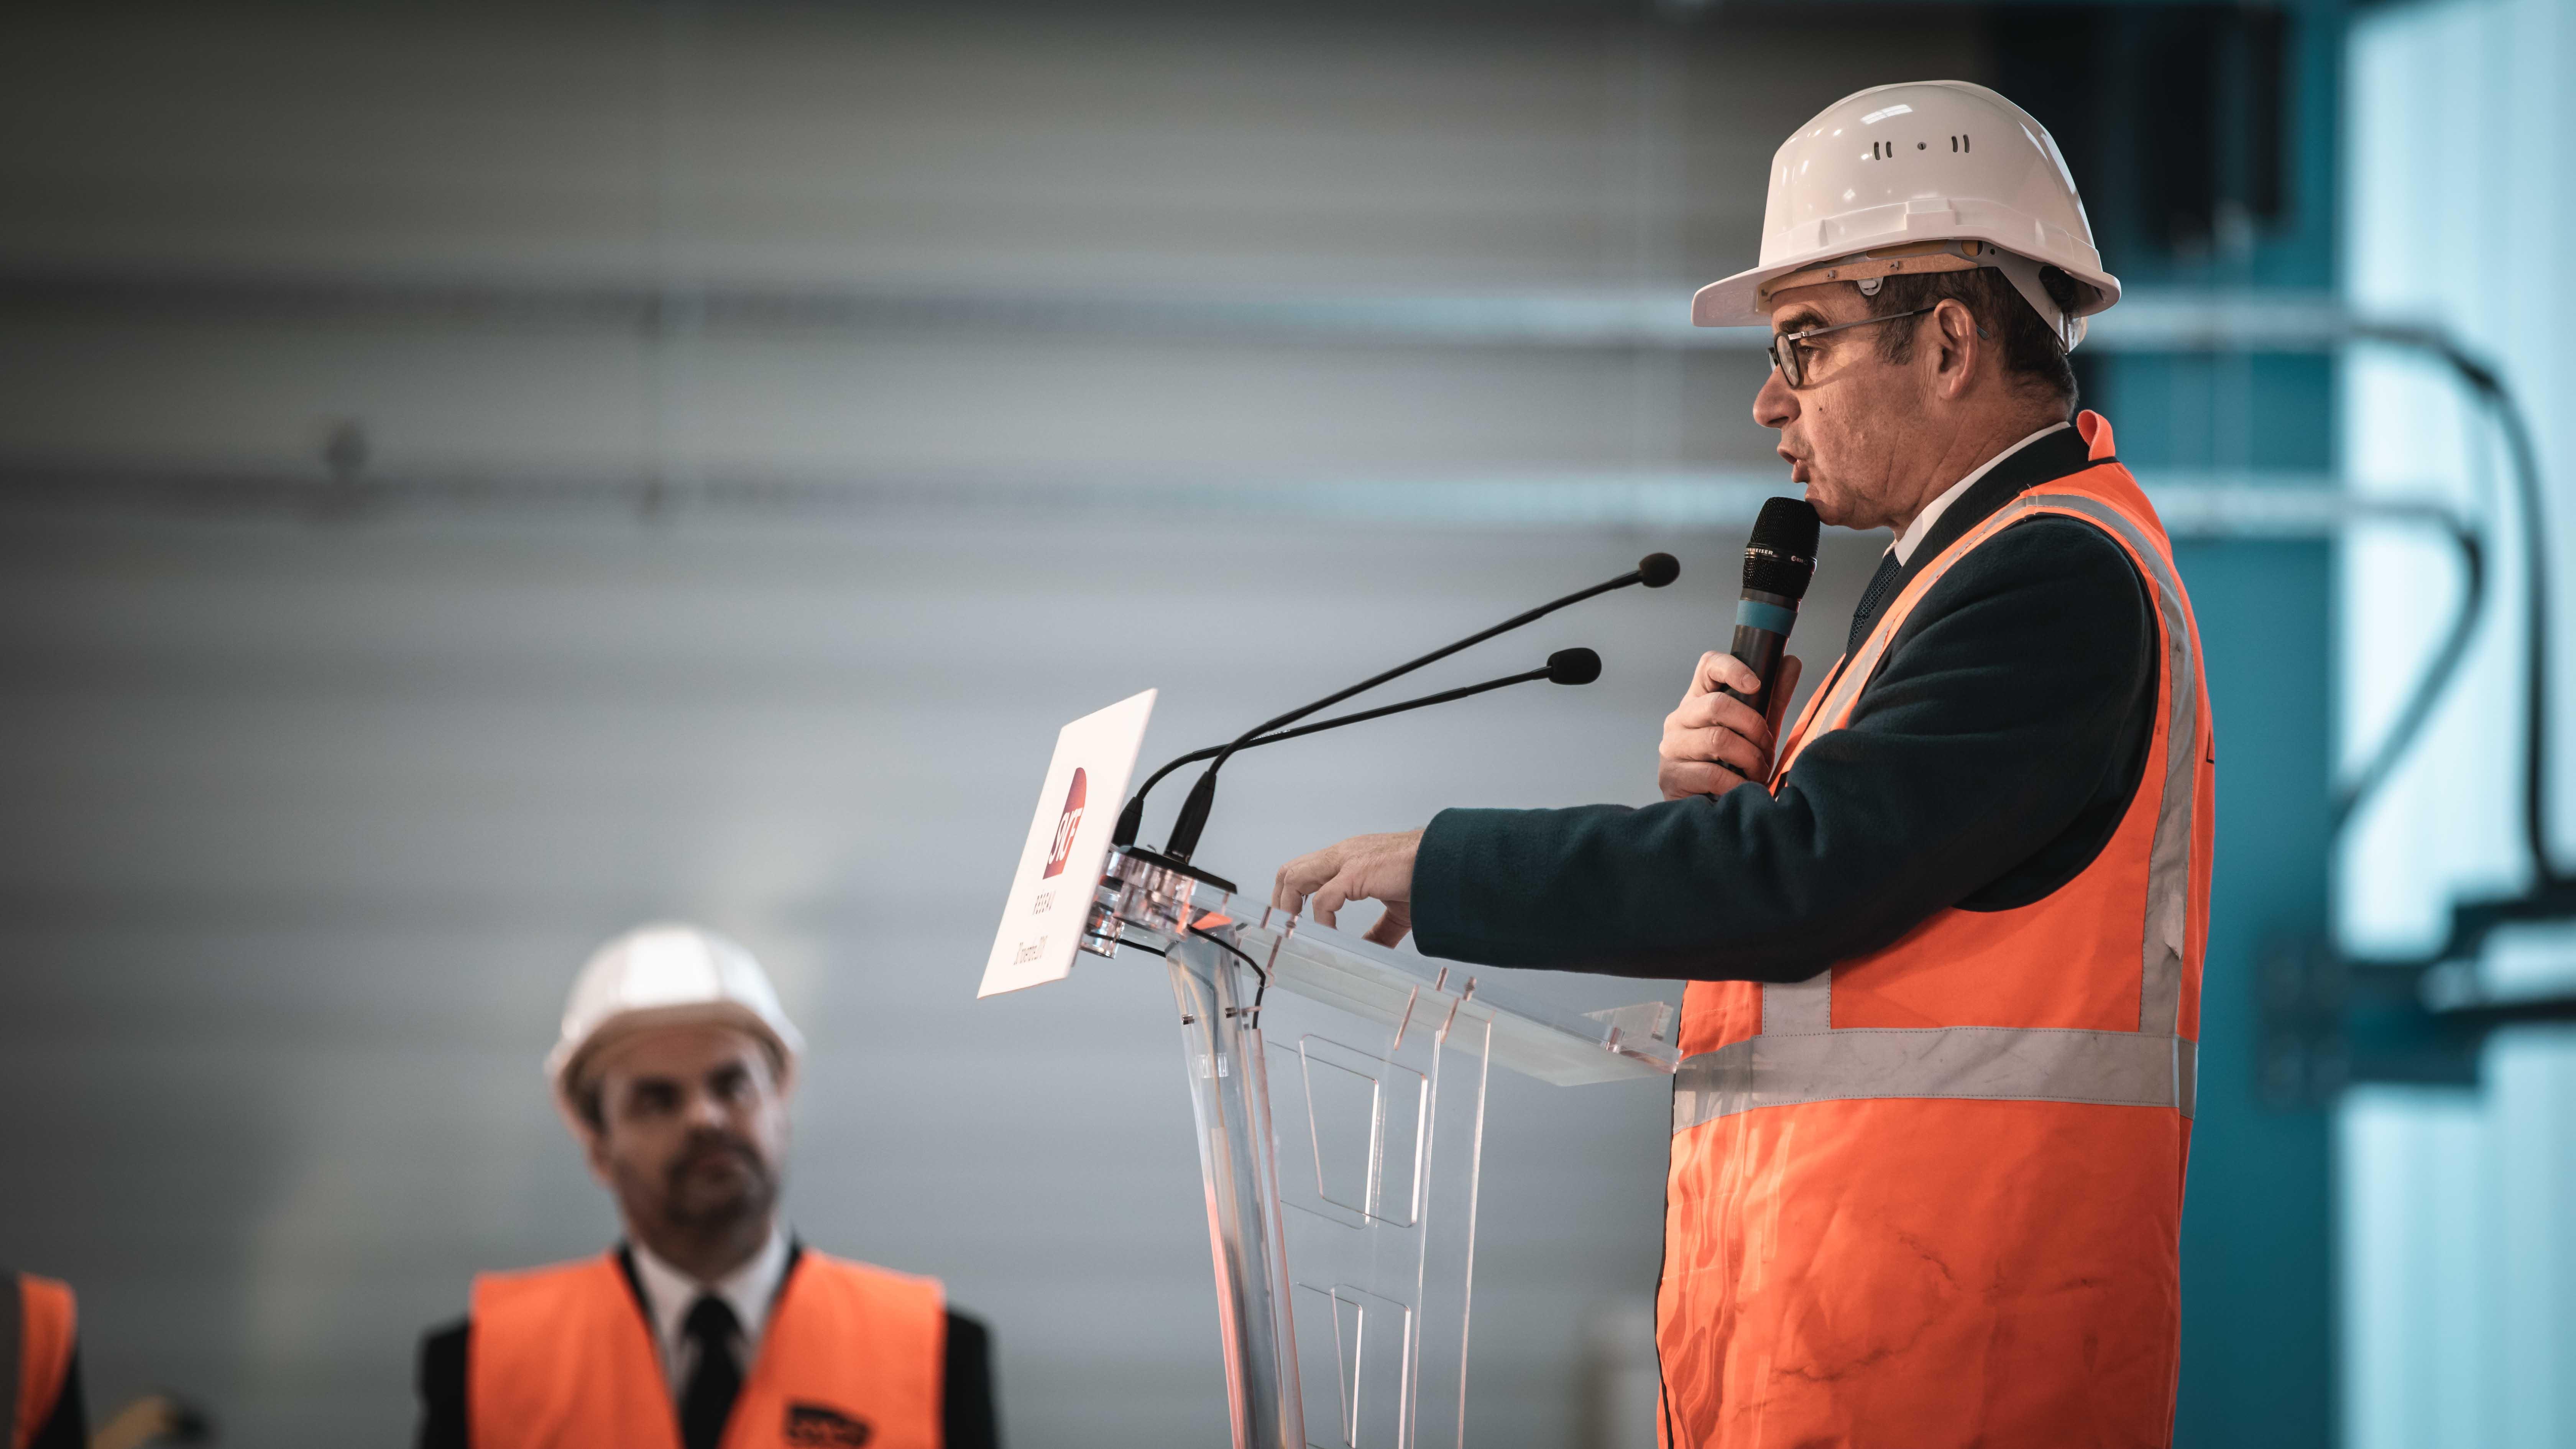 Prise de parole sur la scène du Directeur SNCF Réseau durant l'événement